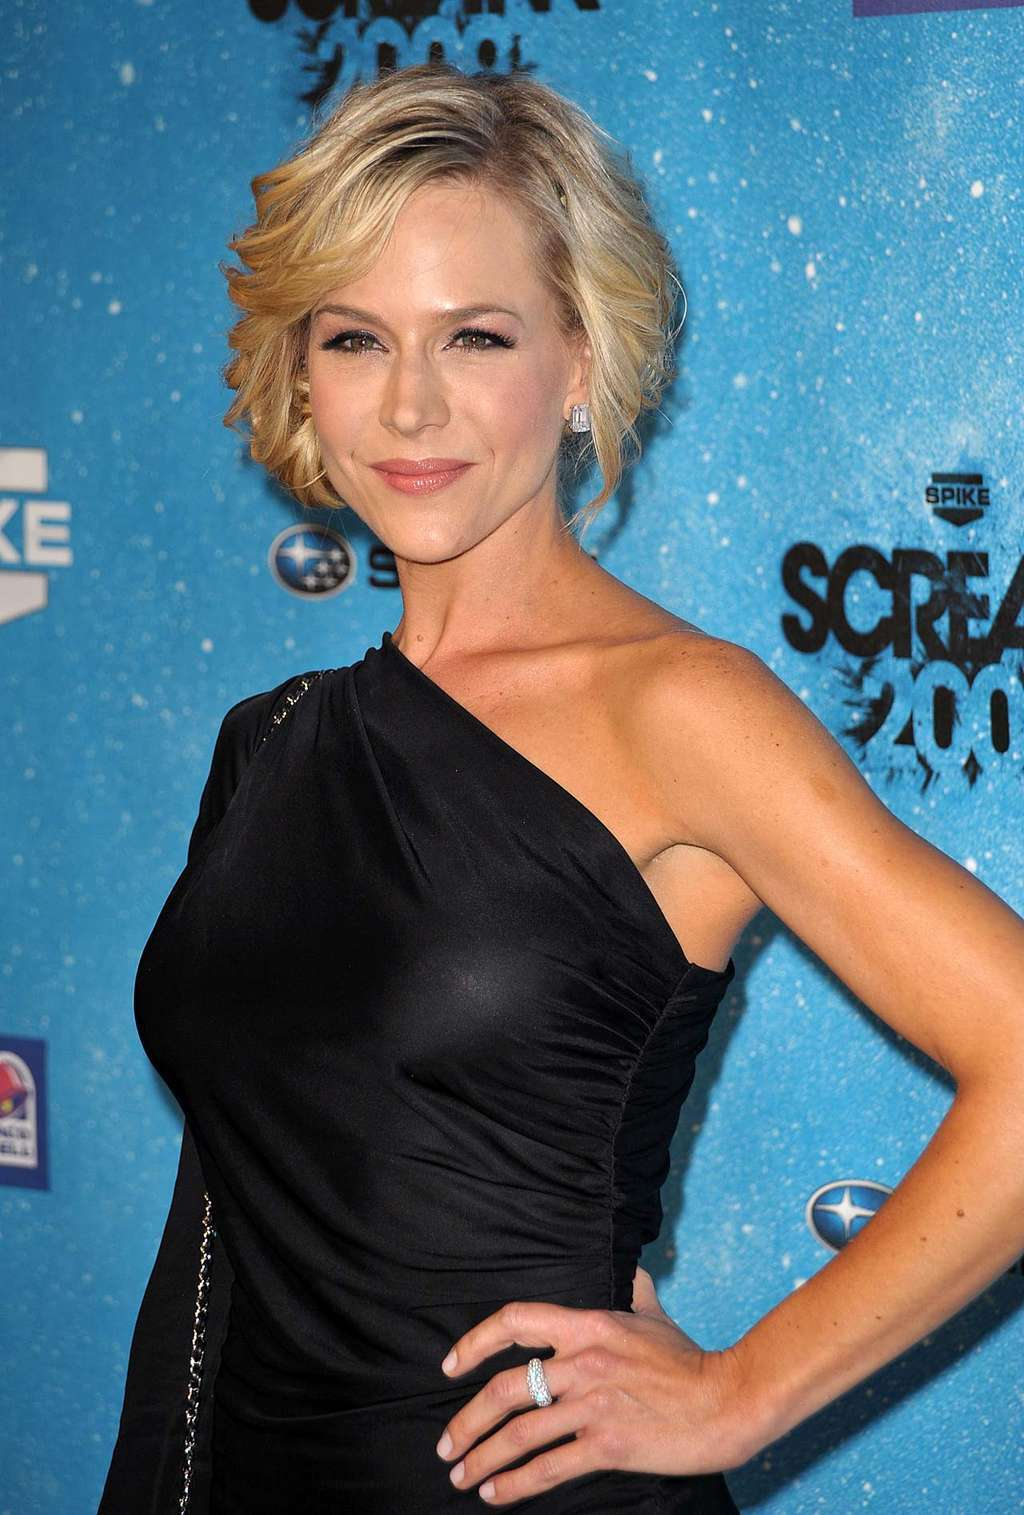 julie benz angel female celebrity